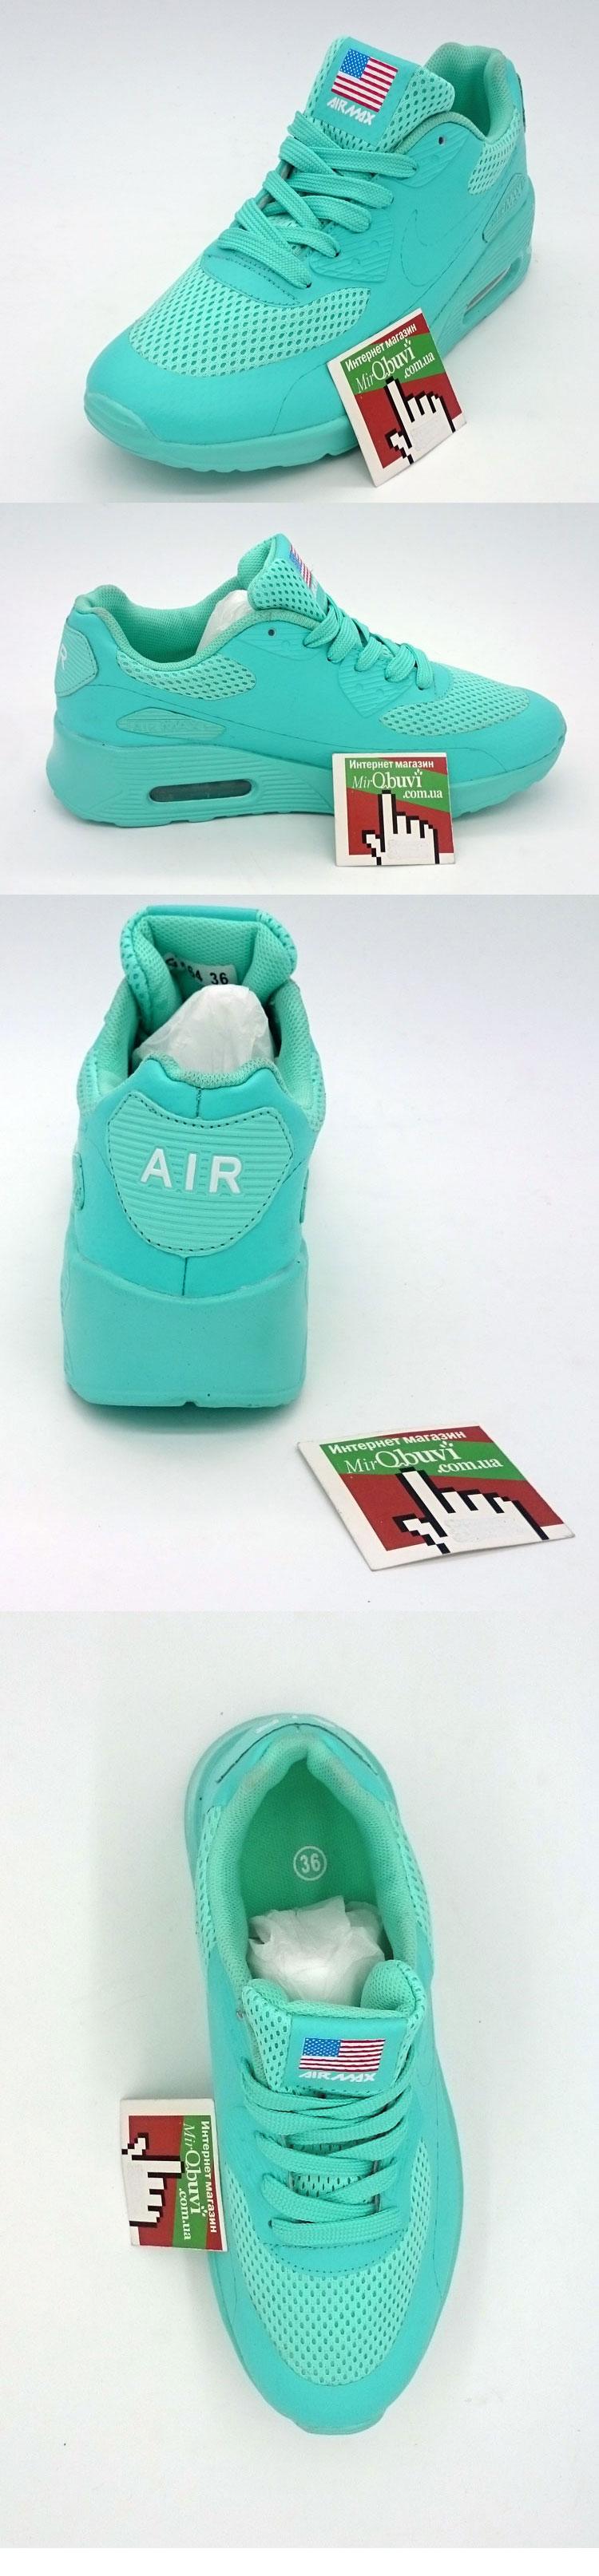 большое фото №5 Светящиеся кроссовки led air max 90 бирюзовые